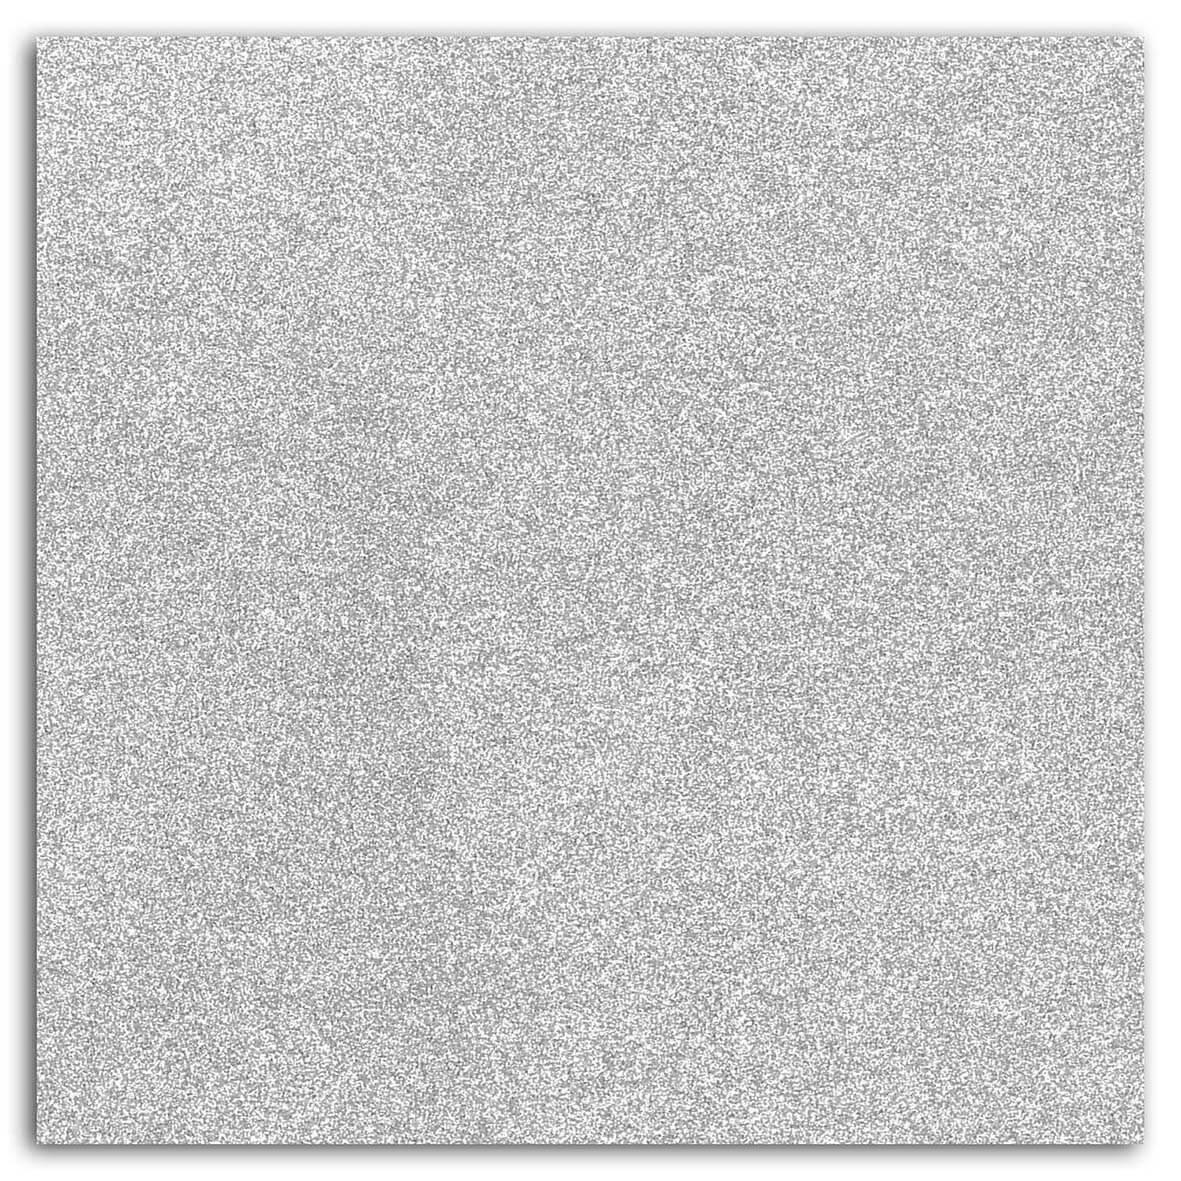 Papier adhésif pailleté Argent 30,5x30,5 cm